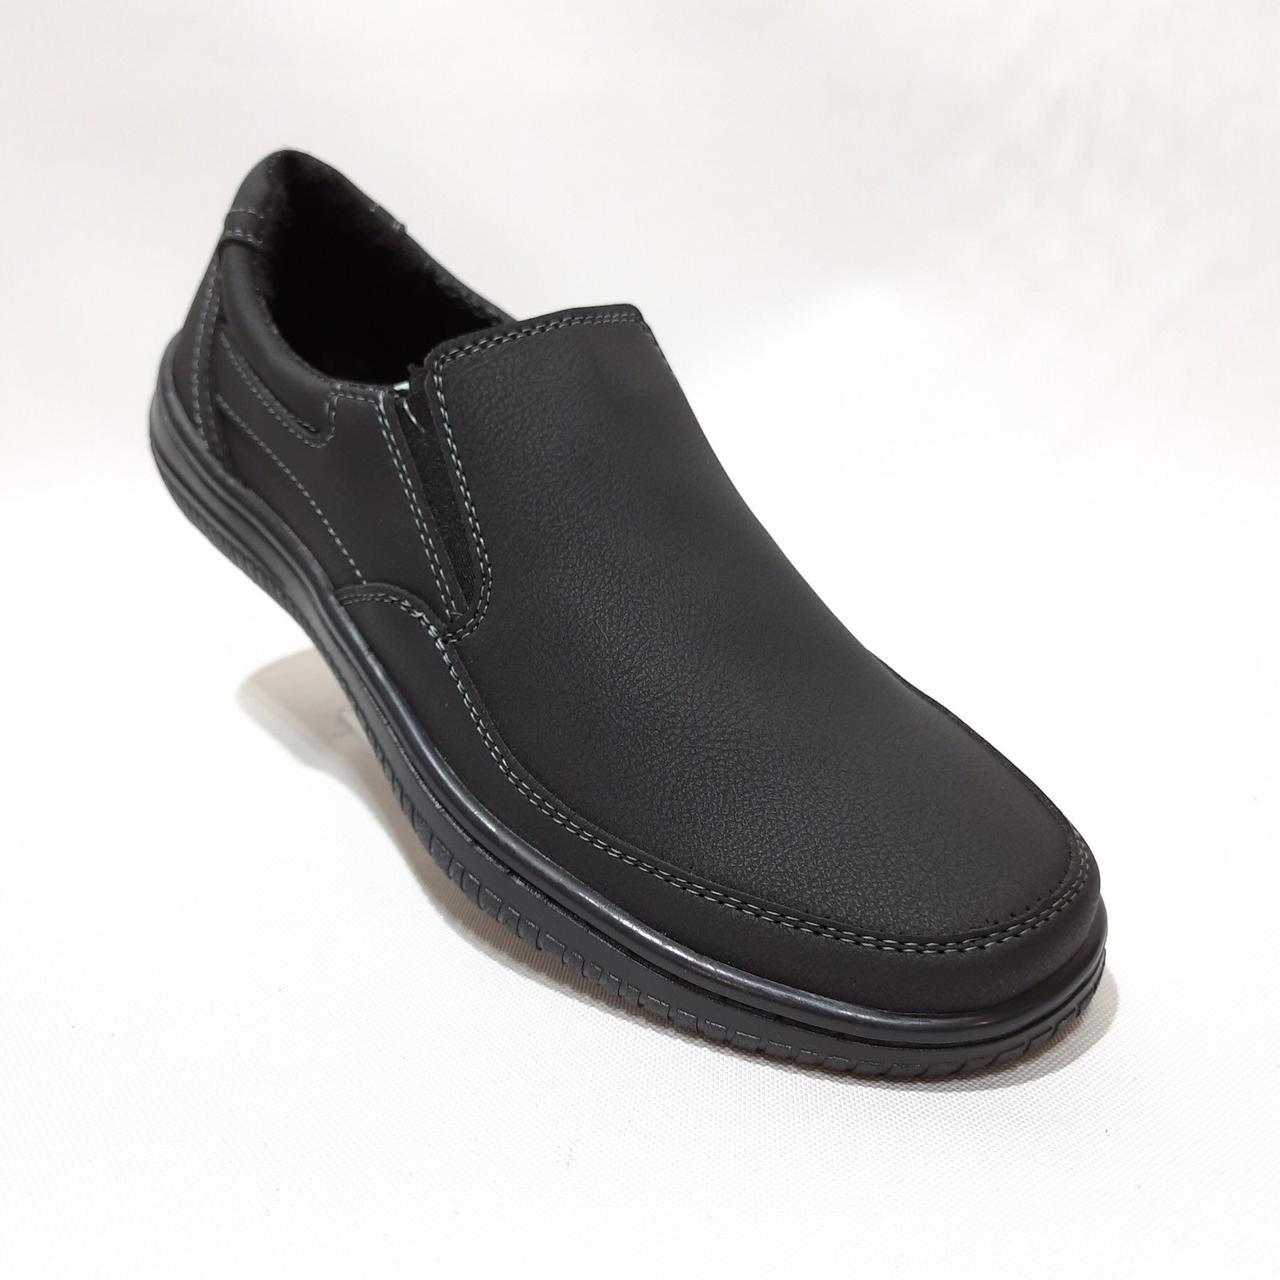 40,43 р. Мужские туфли прошитые Львовские из эко-кожи Черные хорошее качество